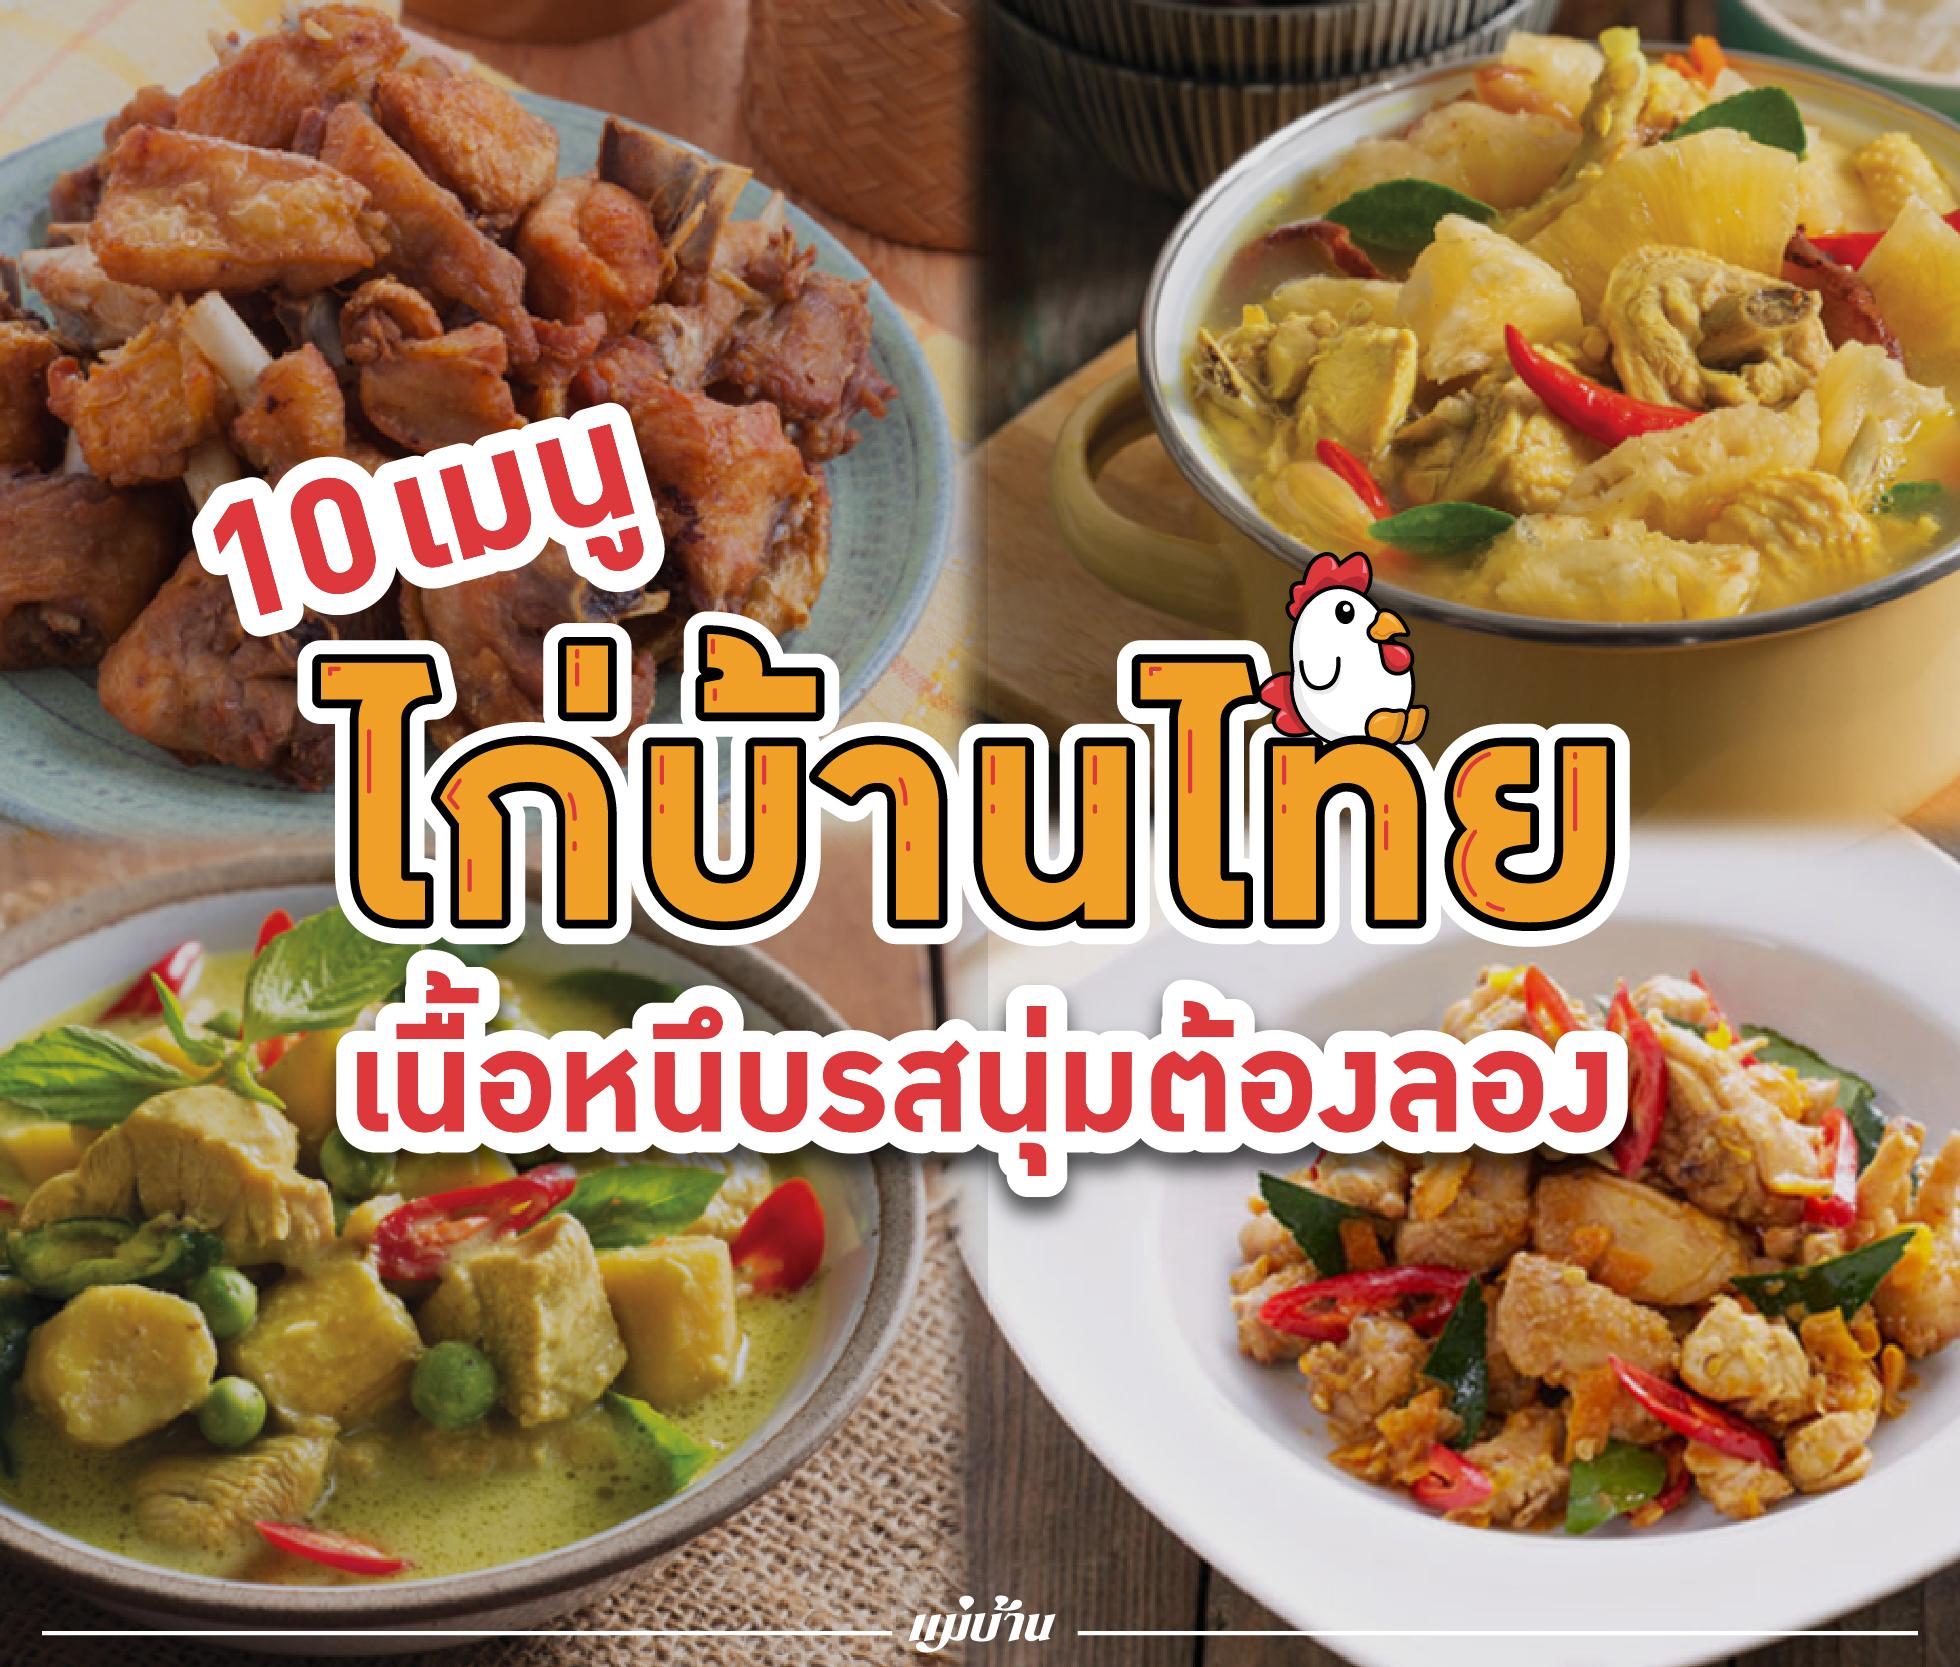 10 เมนูไก่บ้านไทย เนื้อหนึบรสนุ่มต้องลอง สำนักพิมพ์แม่บ้าน